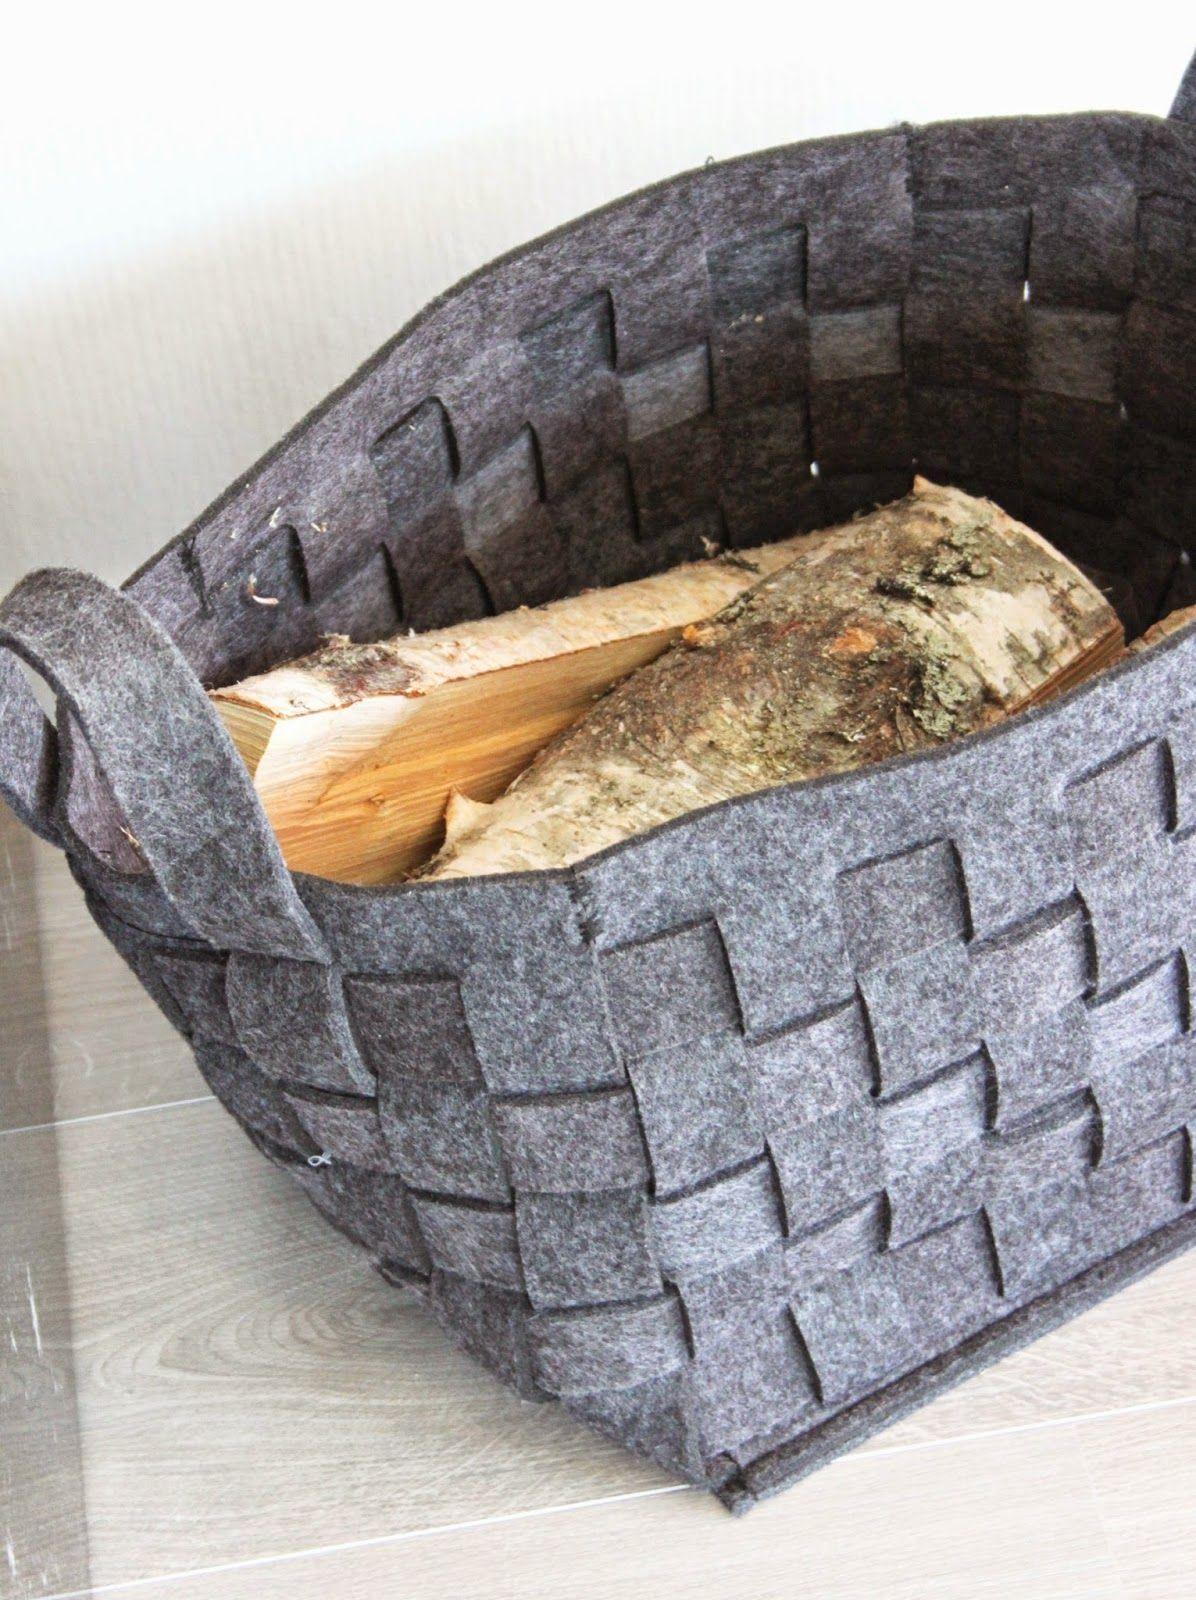 Pehmeä huopa on ihana materiaali. Perinteisellä palttinapunonnalla punottu säilytyskoppa.